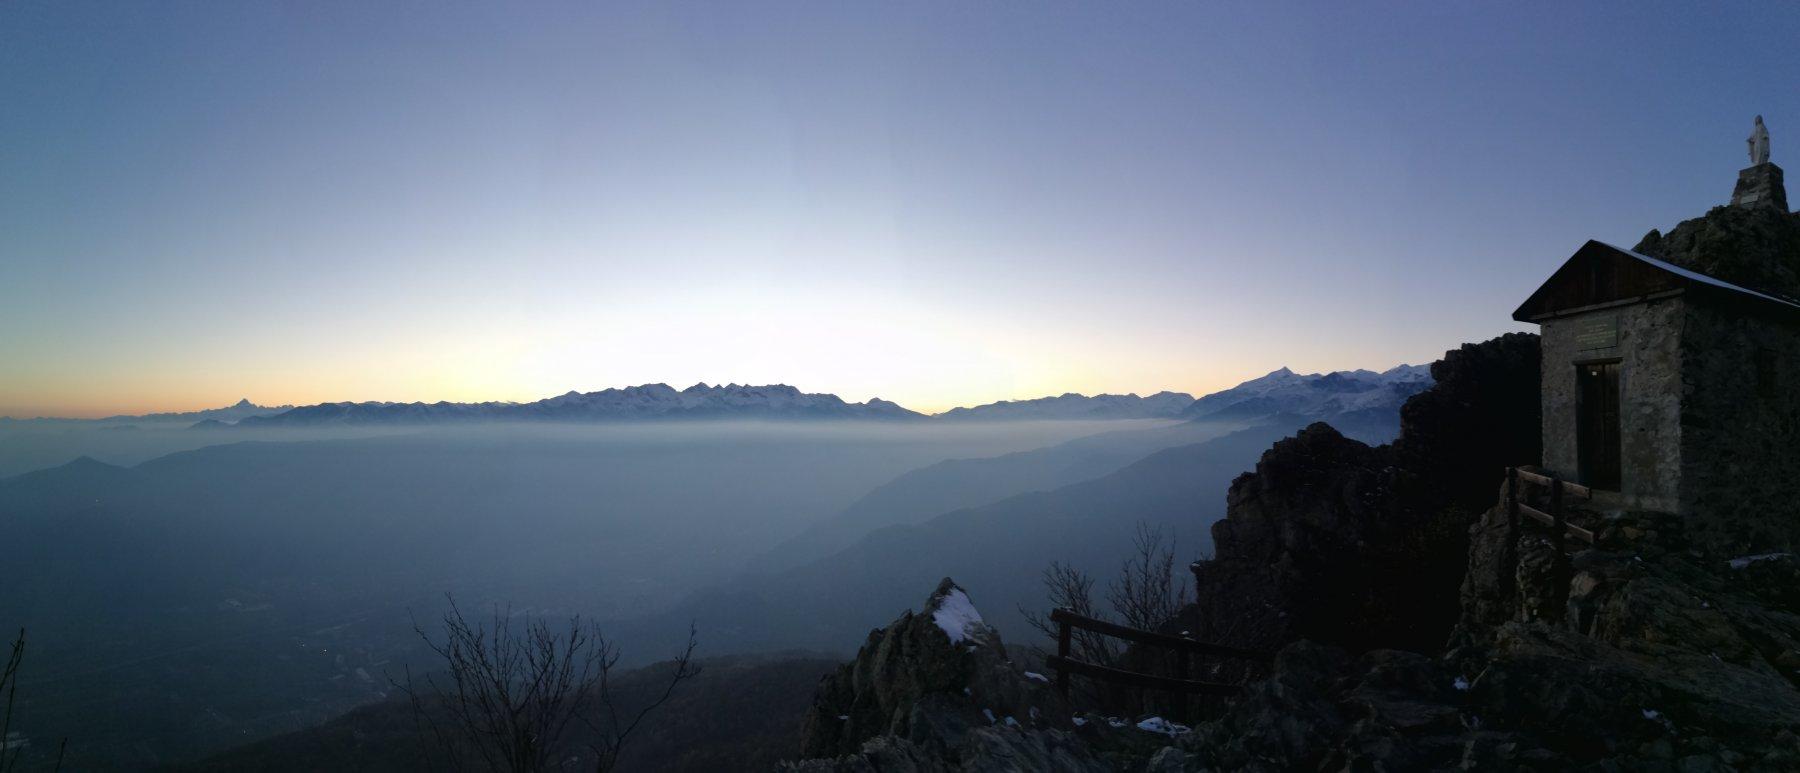 La Valle di Susa col Rocciamelone